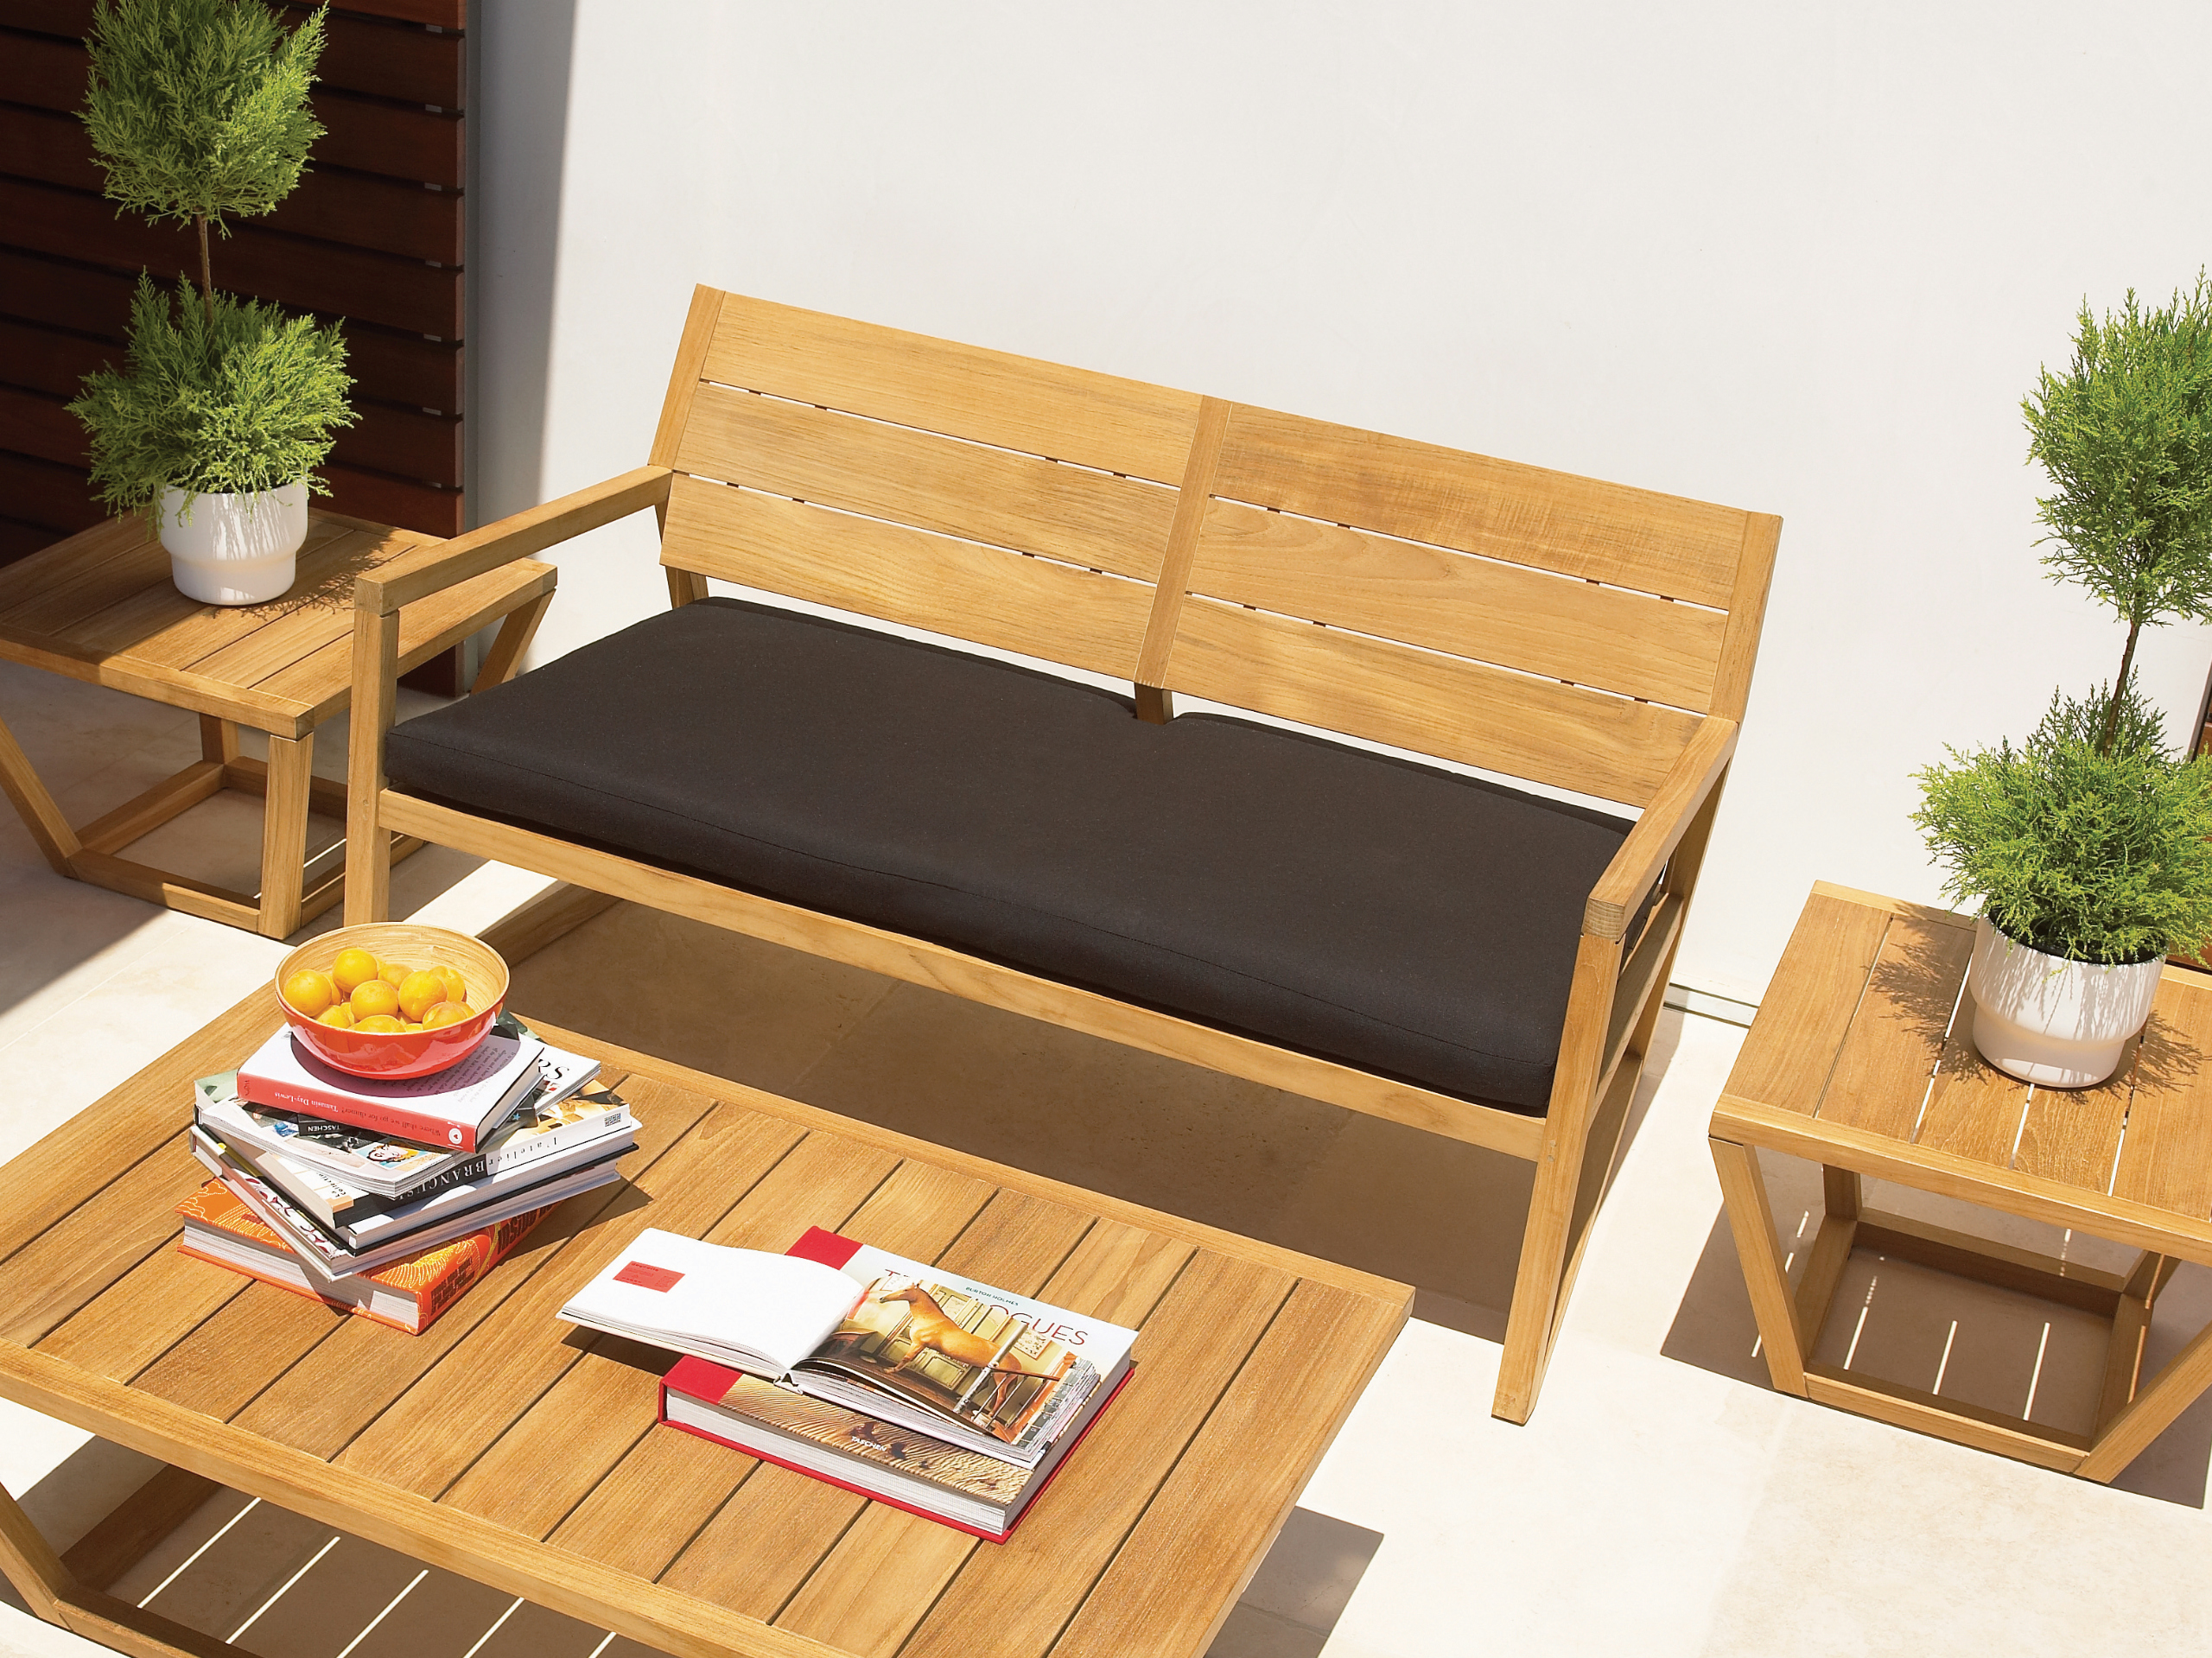 Dependiendo del tipo de madera del que estén hechos los muebles de